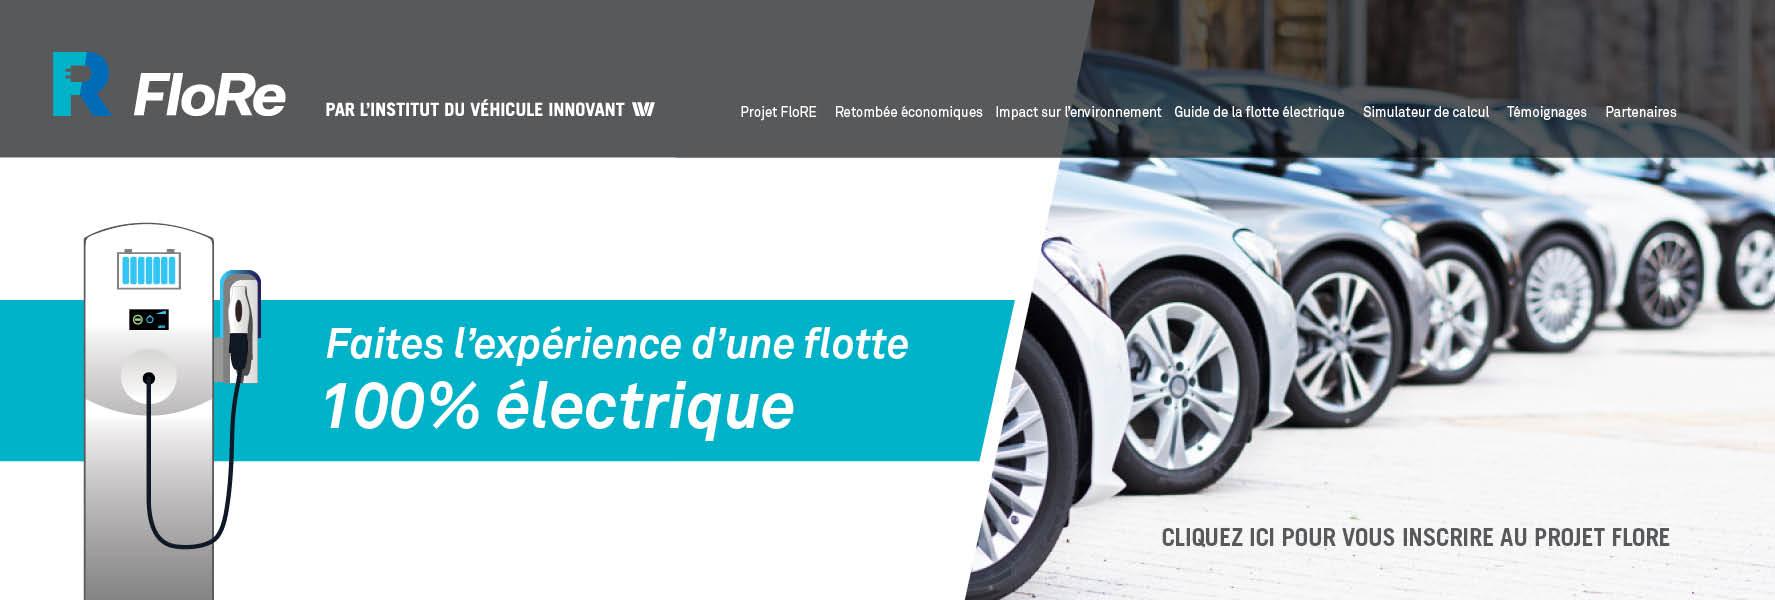 Flore - bandeau web_v6